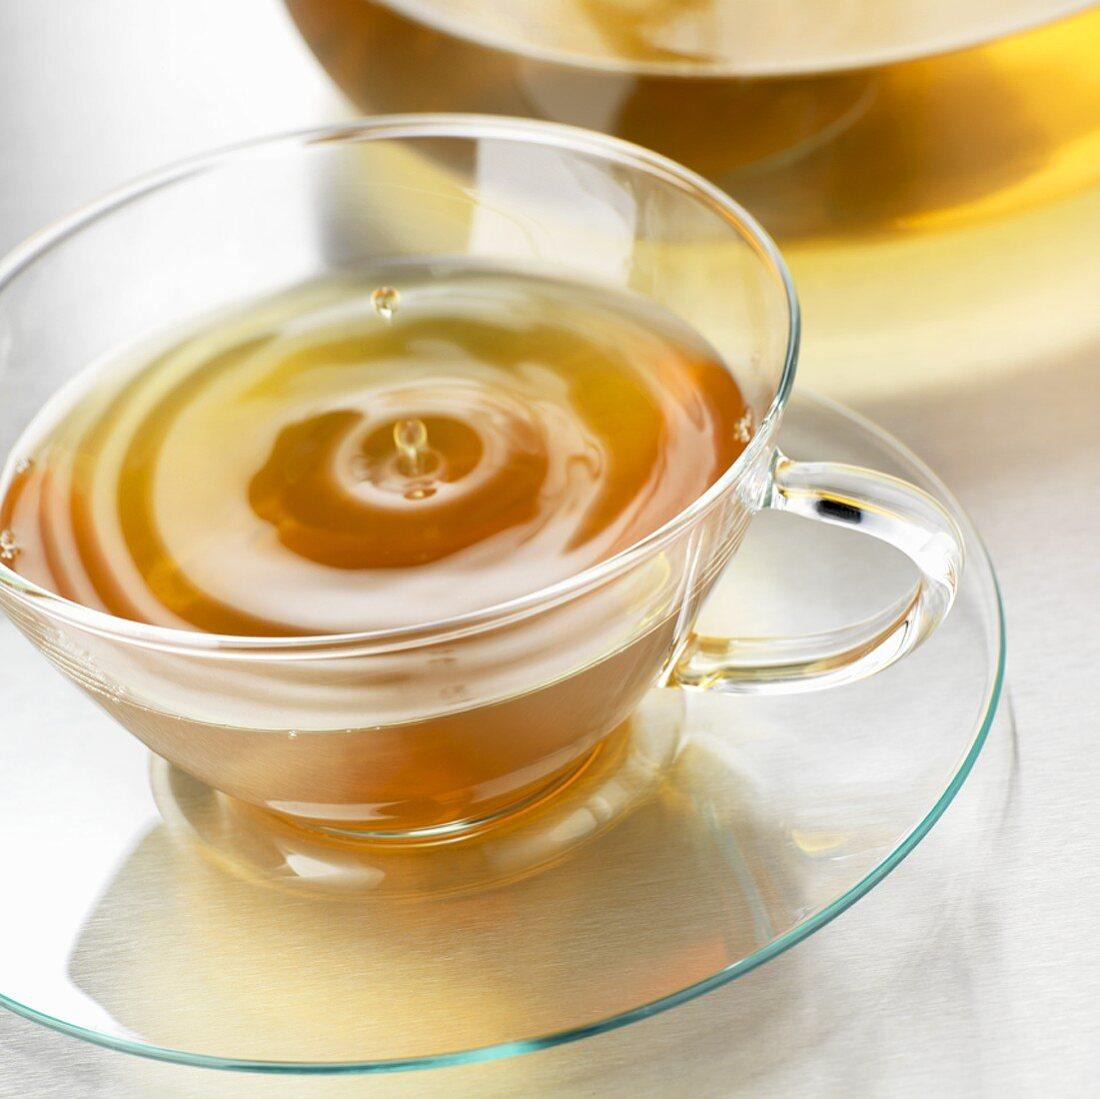 Drop of tea falling into a cup of tea